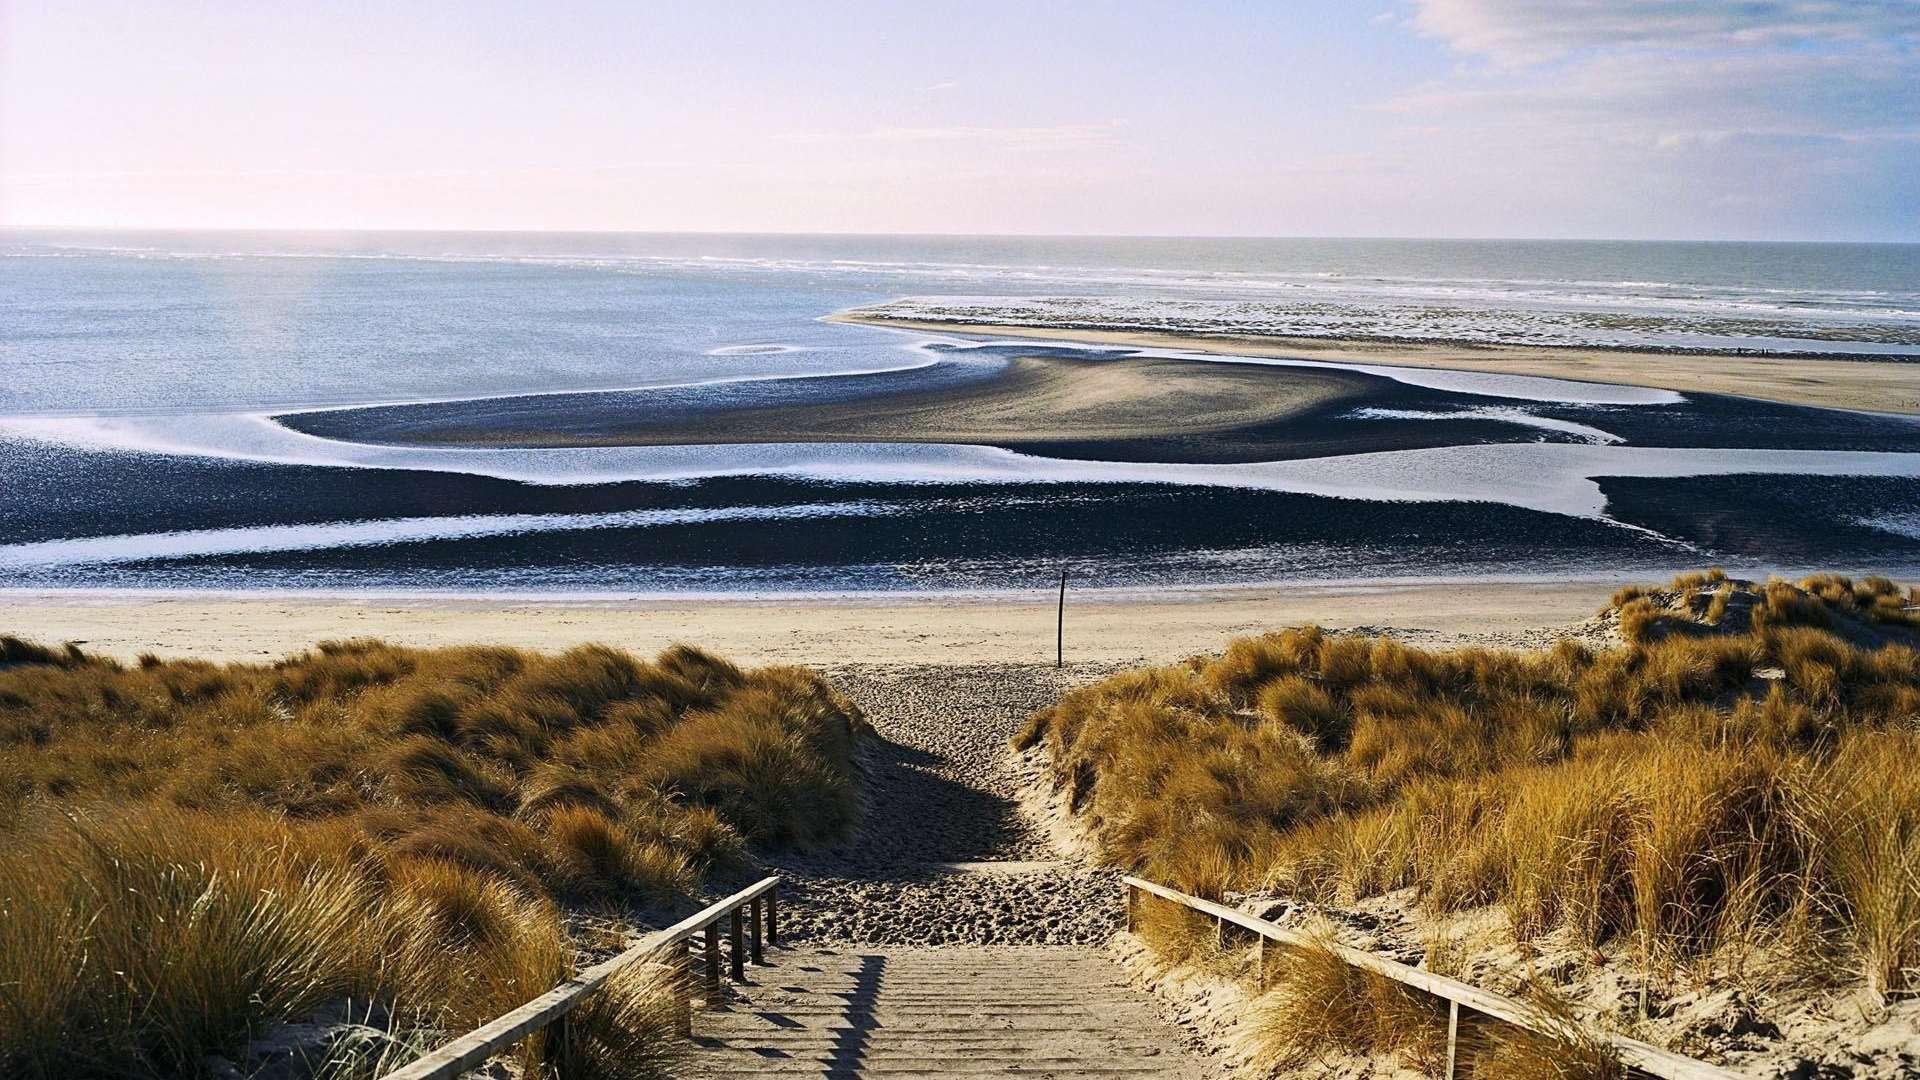 نتیجه تصویری برای دانلود صدای شرشر آب رودخانه آرامش بخش | دانلود صدای آب و ساحل دریا | صدای طبیعی اقیانوس